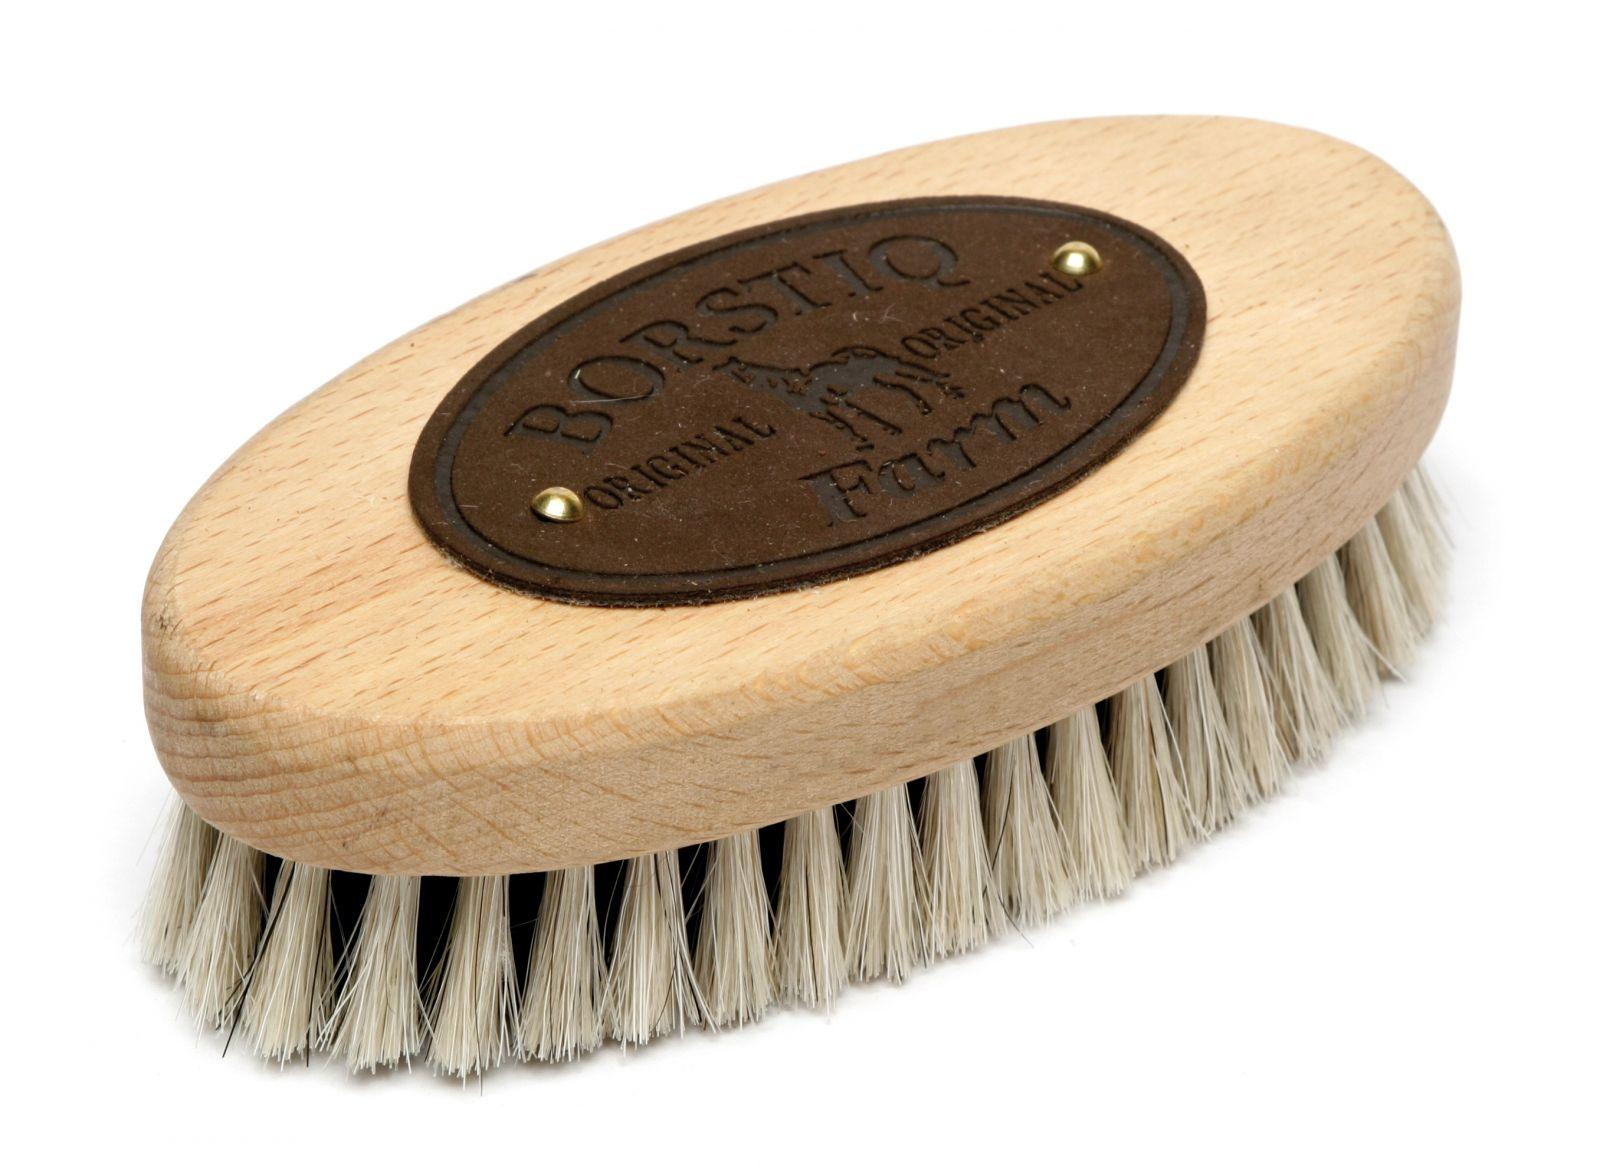 Borstiq Bodybrush (without strap)